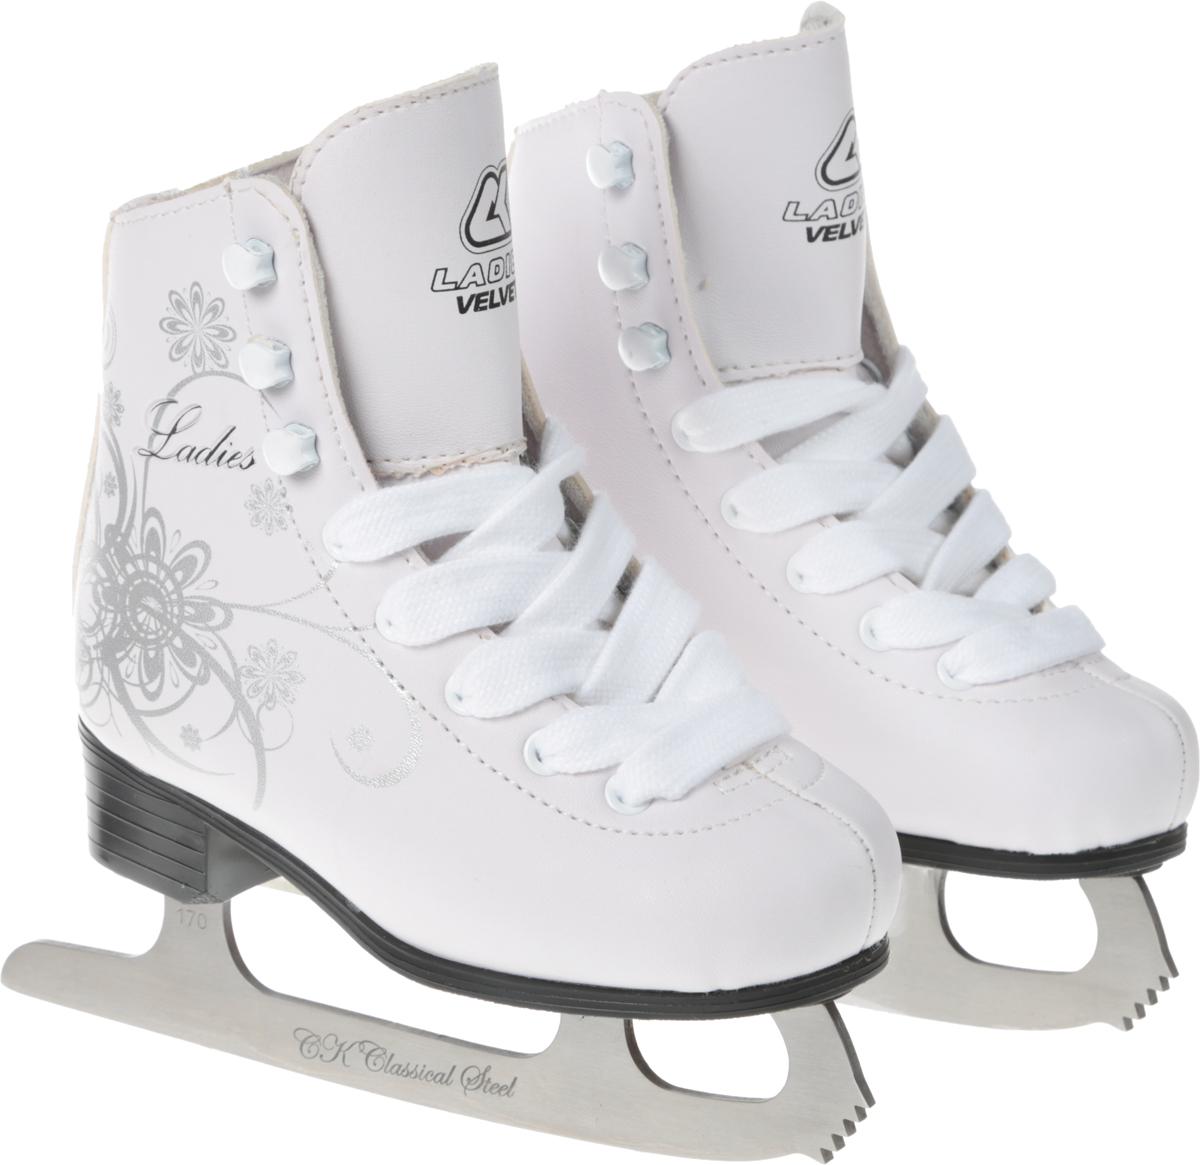 Коньки фигурные для девочки CK Ladies Velvet Classic, цвет: белый, серебряный. Размер 27